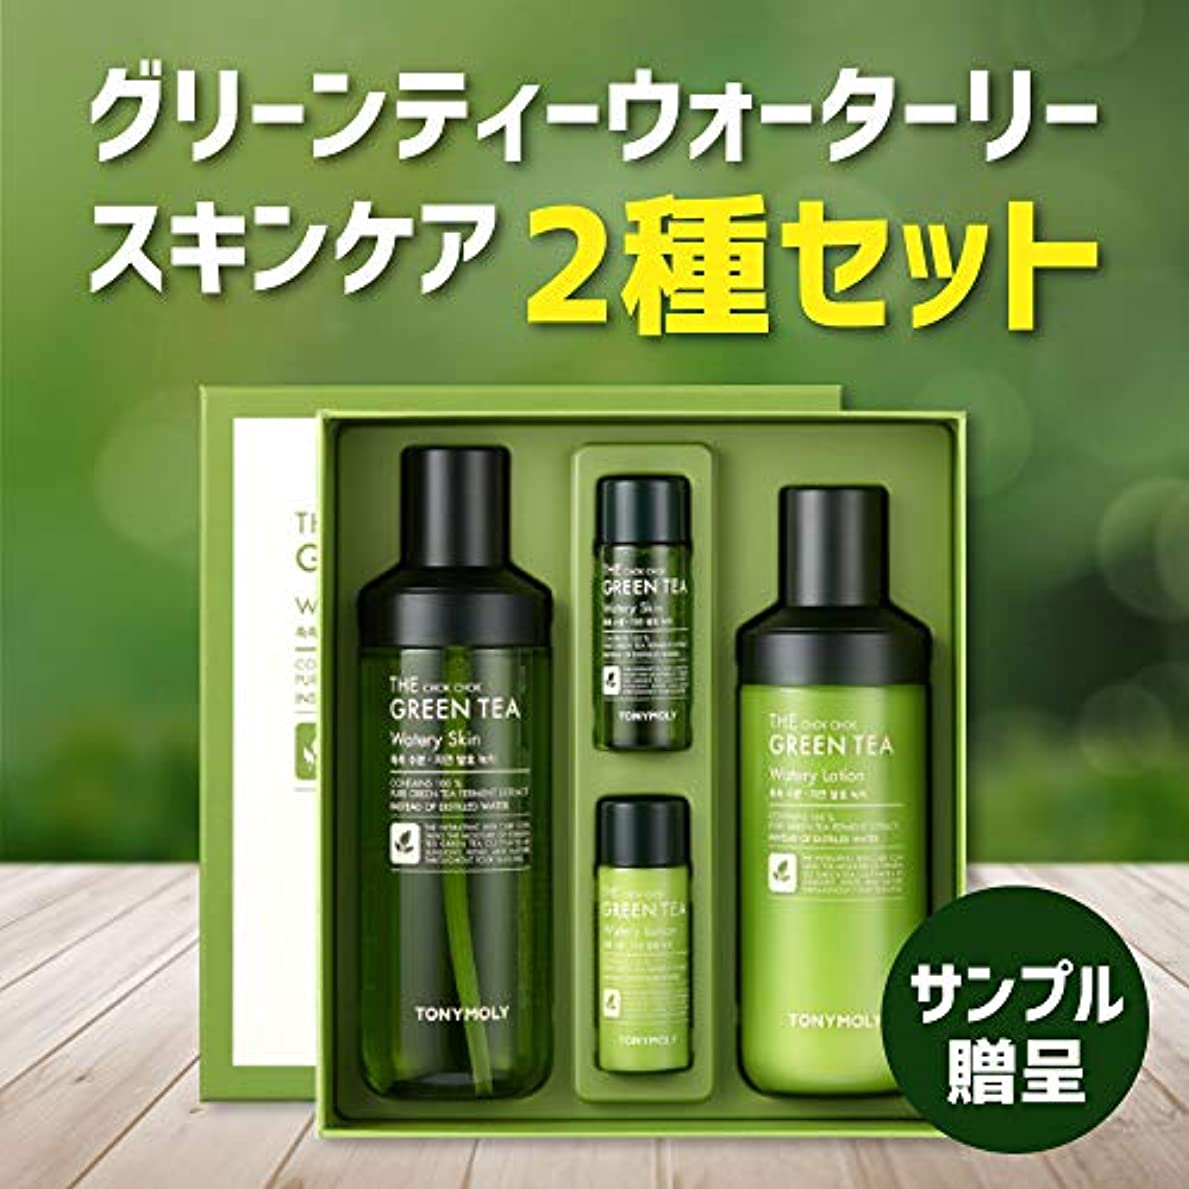 振りかける入場料あえてTONYMOLY しっとり グリーン ティー 水分 化粧水 乳液 セット 抹茶 The Chok Chok Green Tea Watery Skin